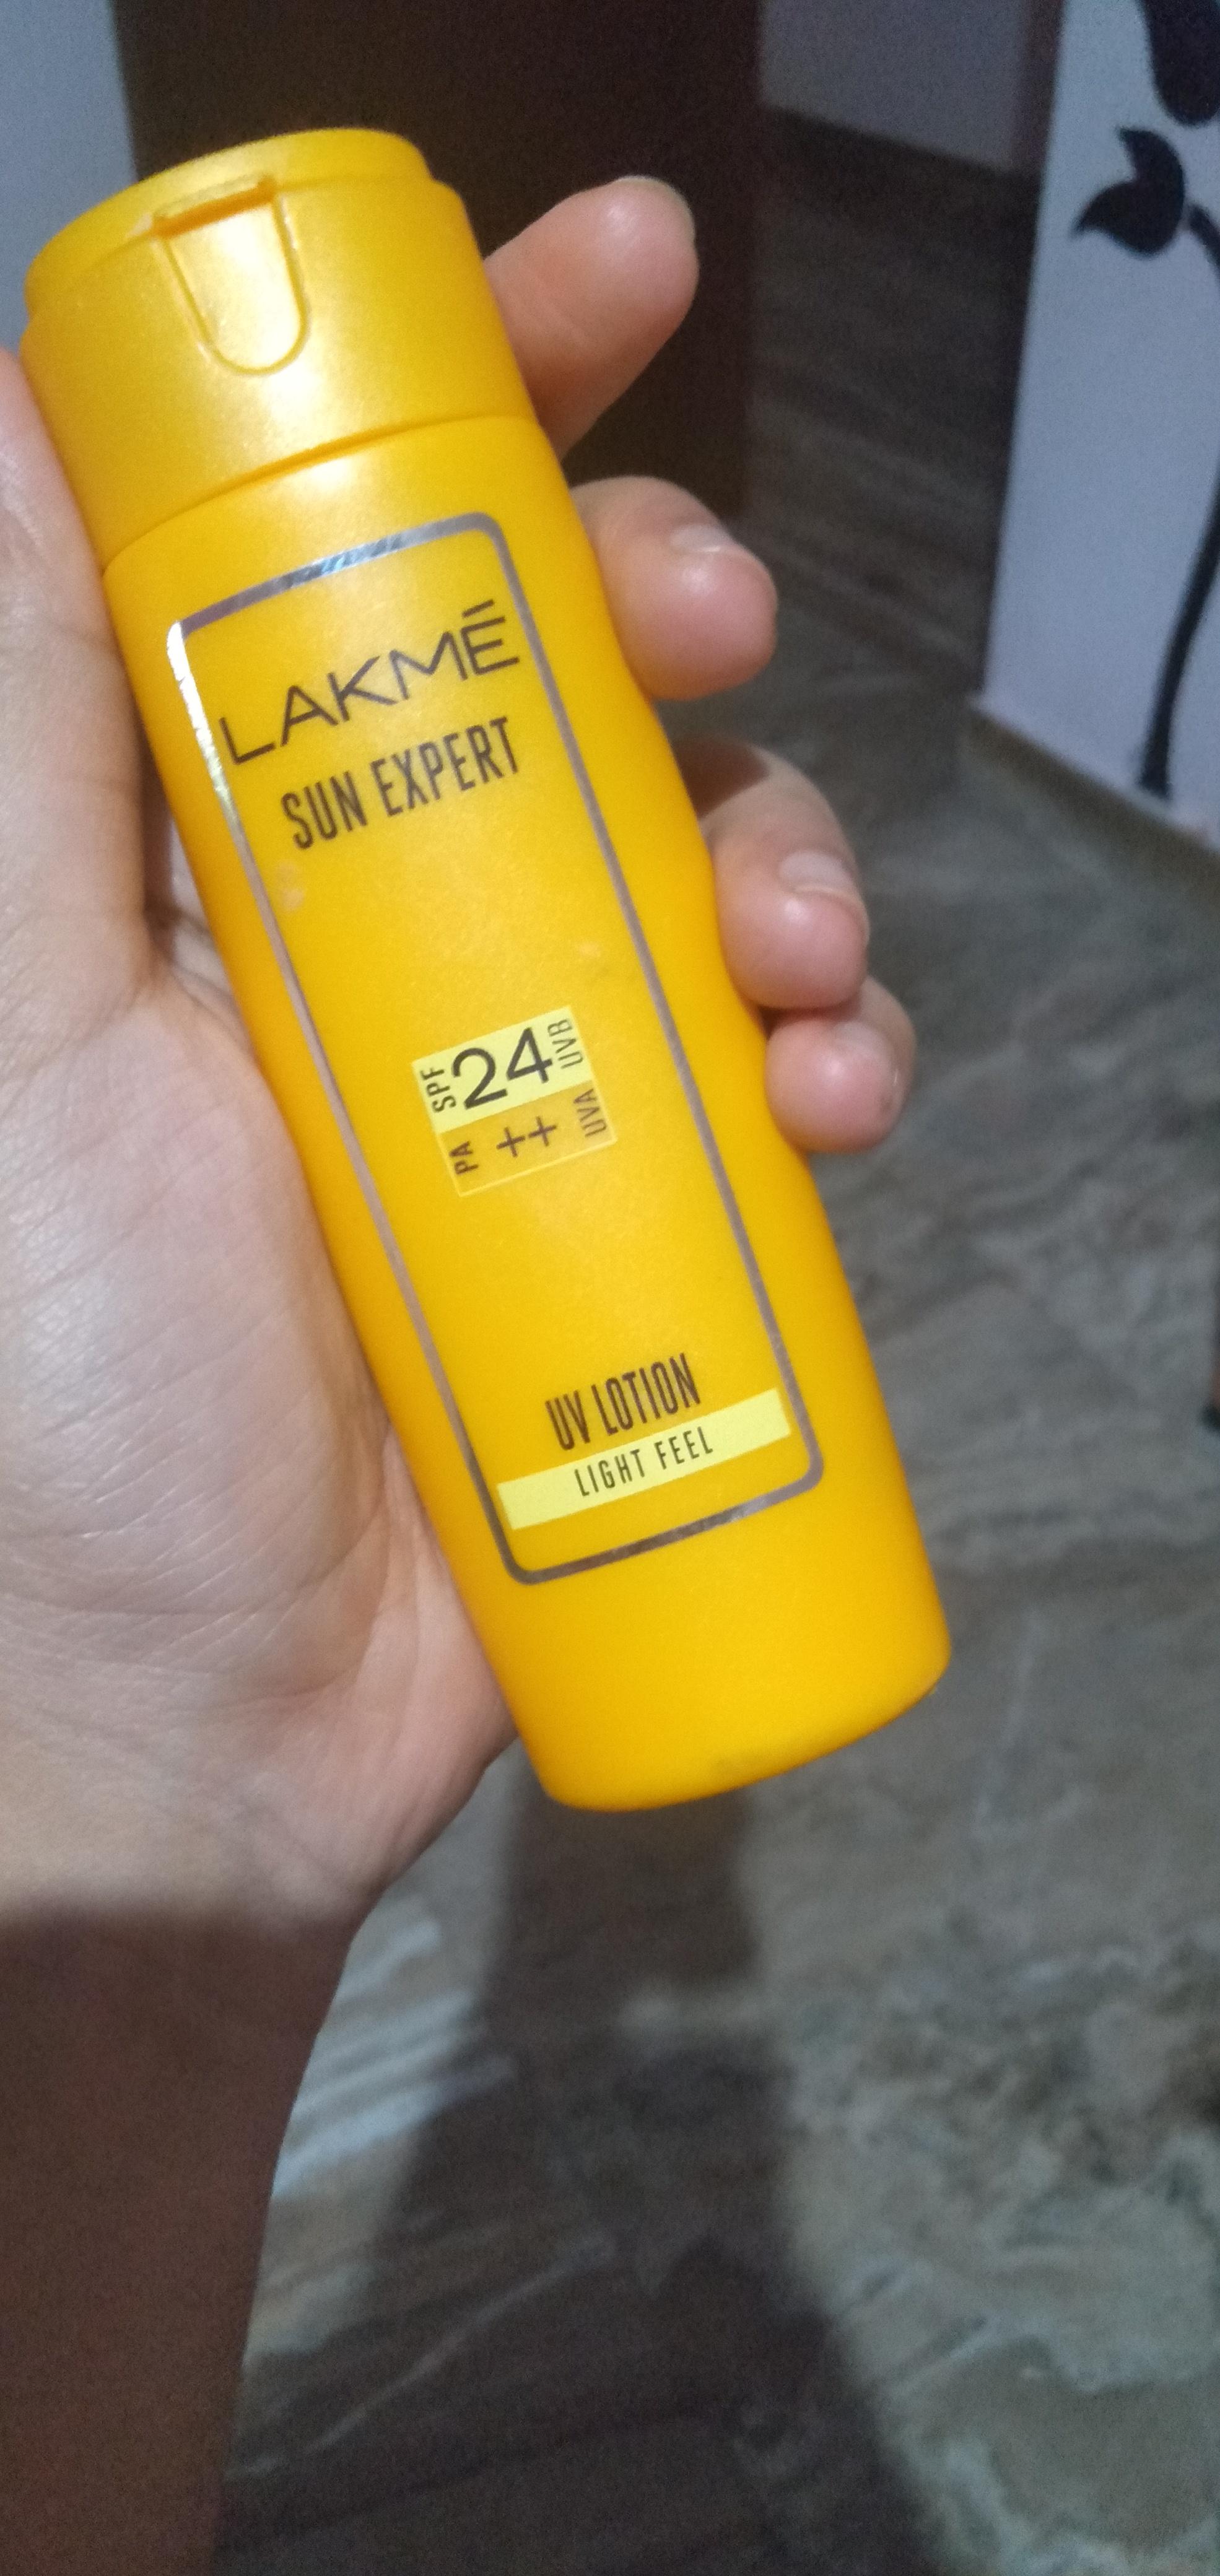 Lakme Sun Expert SPF 24 PA++ UV Lotion-Best to use-By meghavj-2